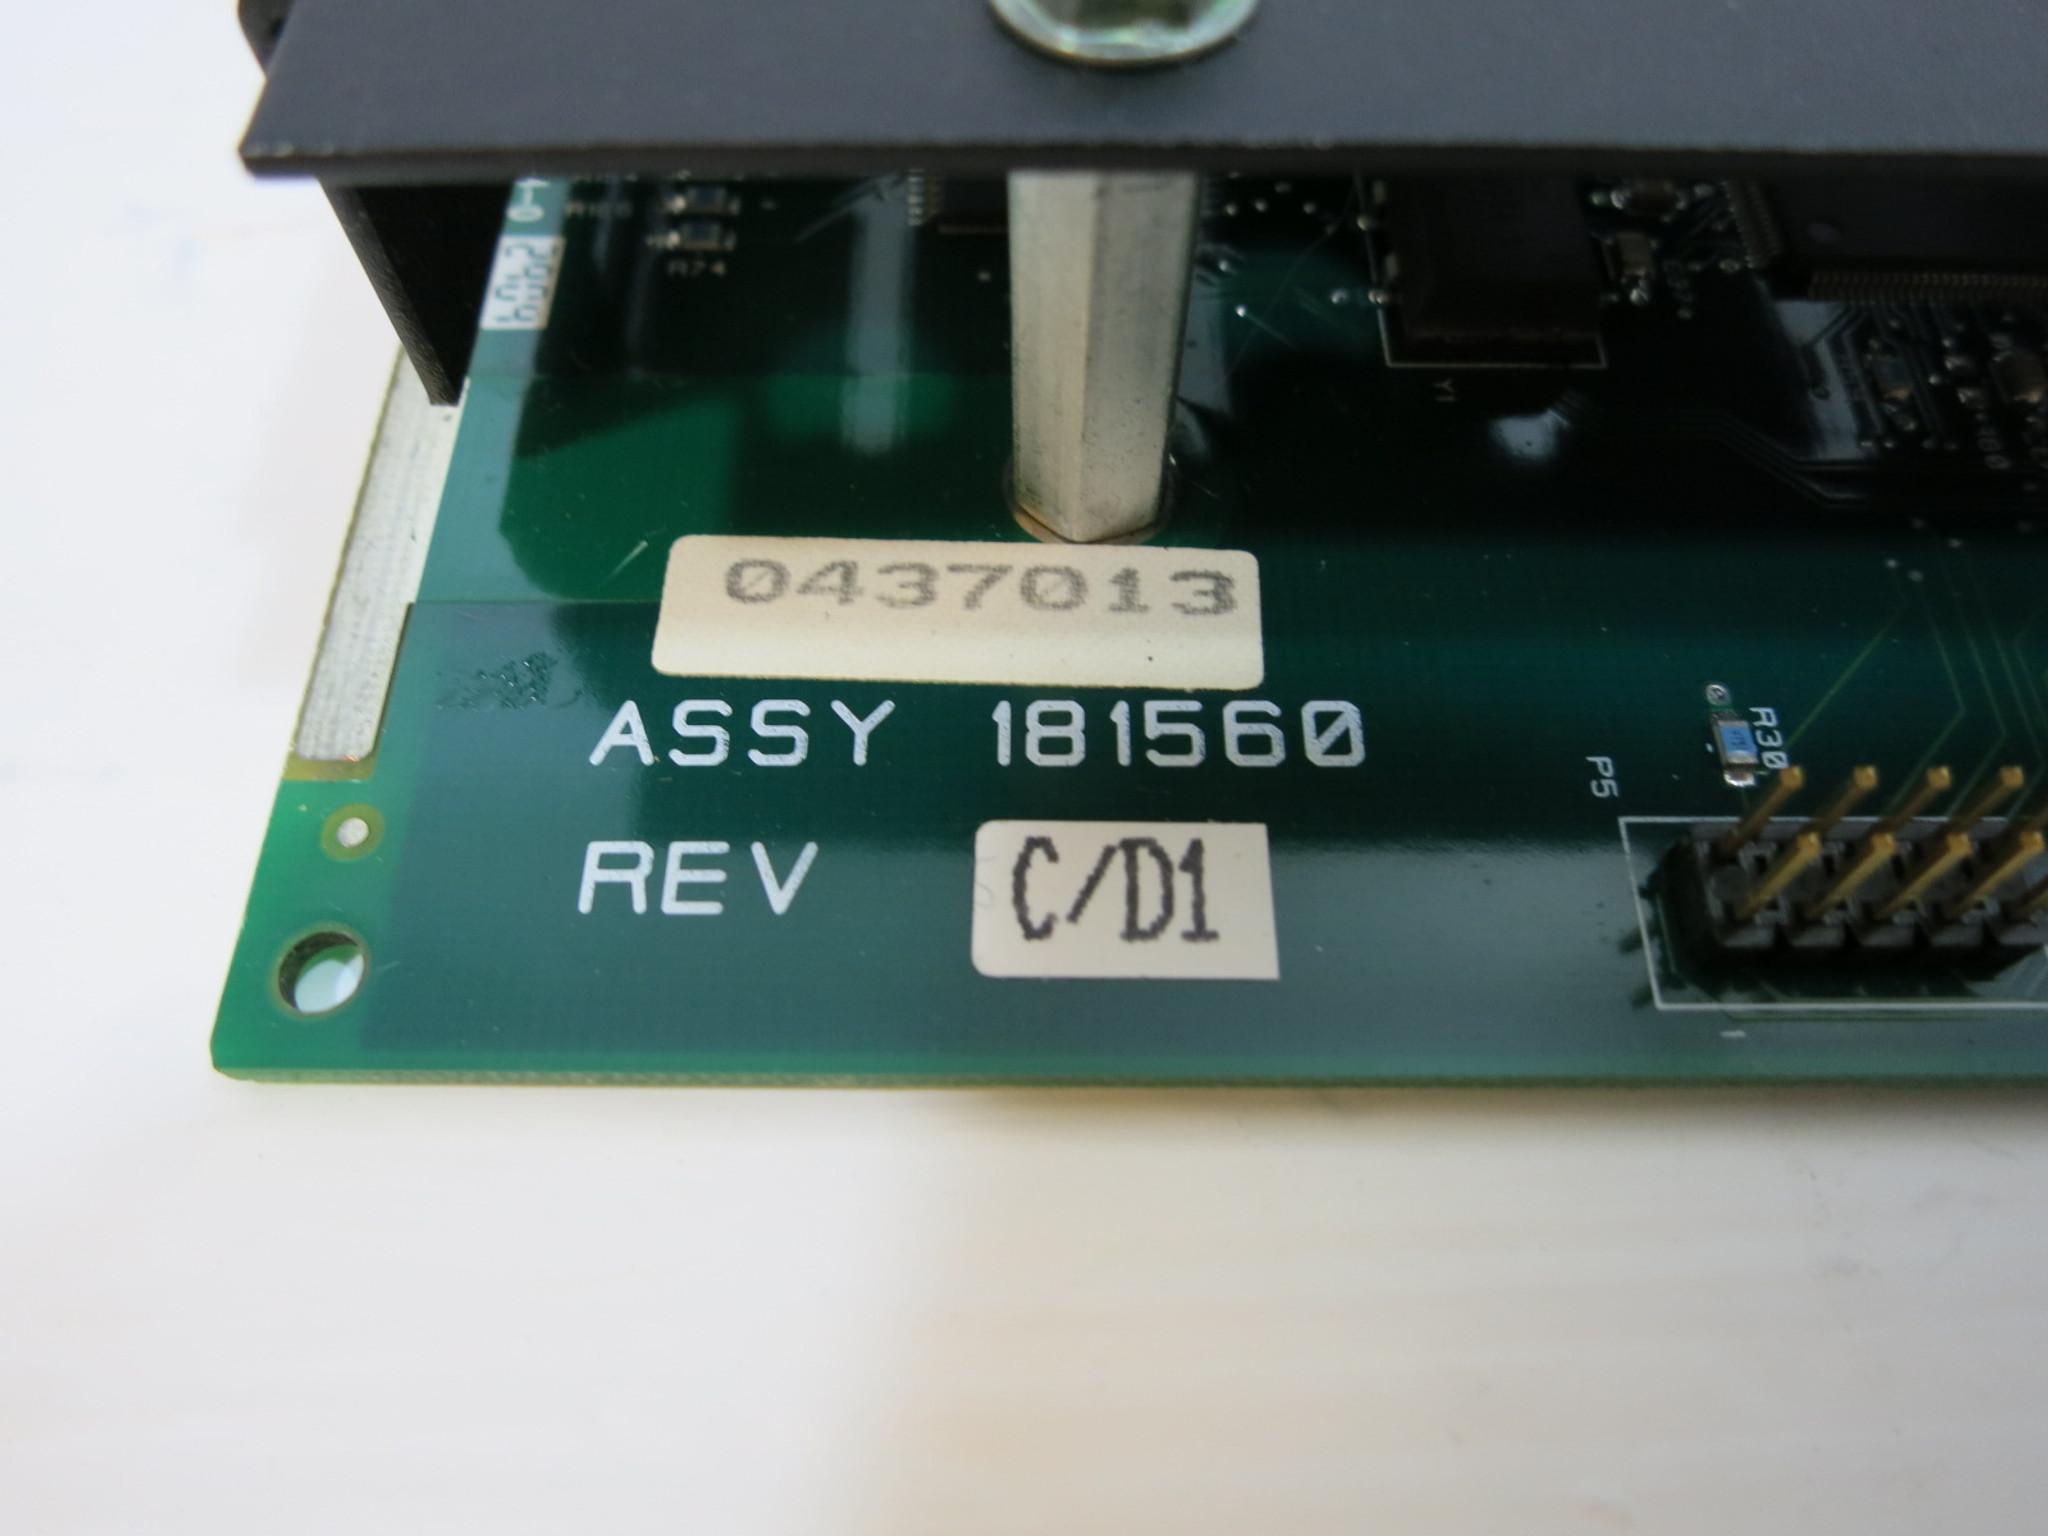 Valmet Metso Automation IOP336 181560 Rev C/D1 QUAD PAT Module PLC Module  IOP336 (NP2062-1)